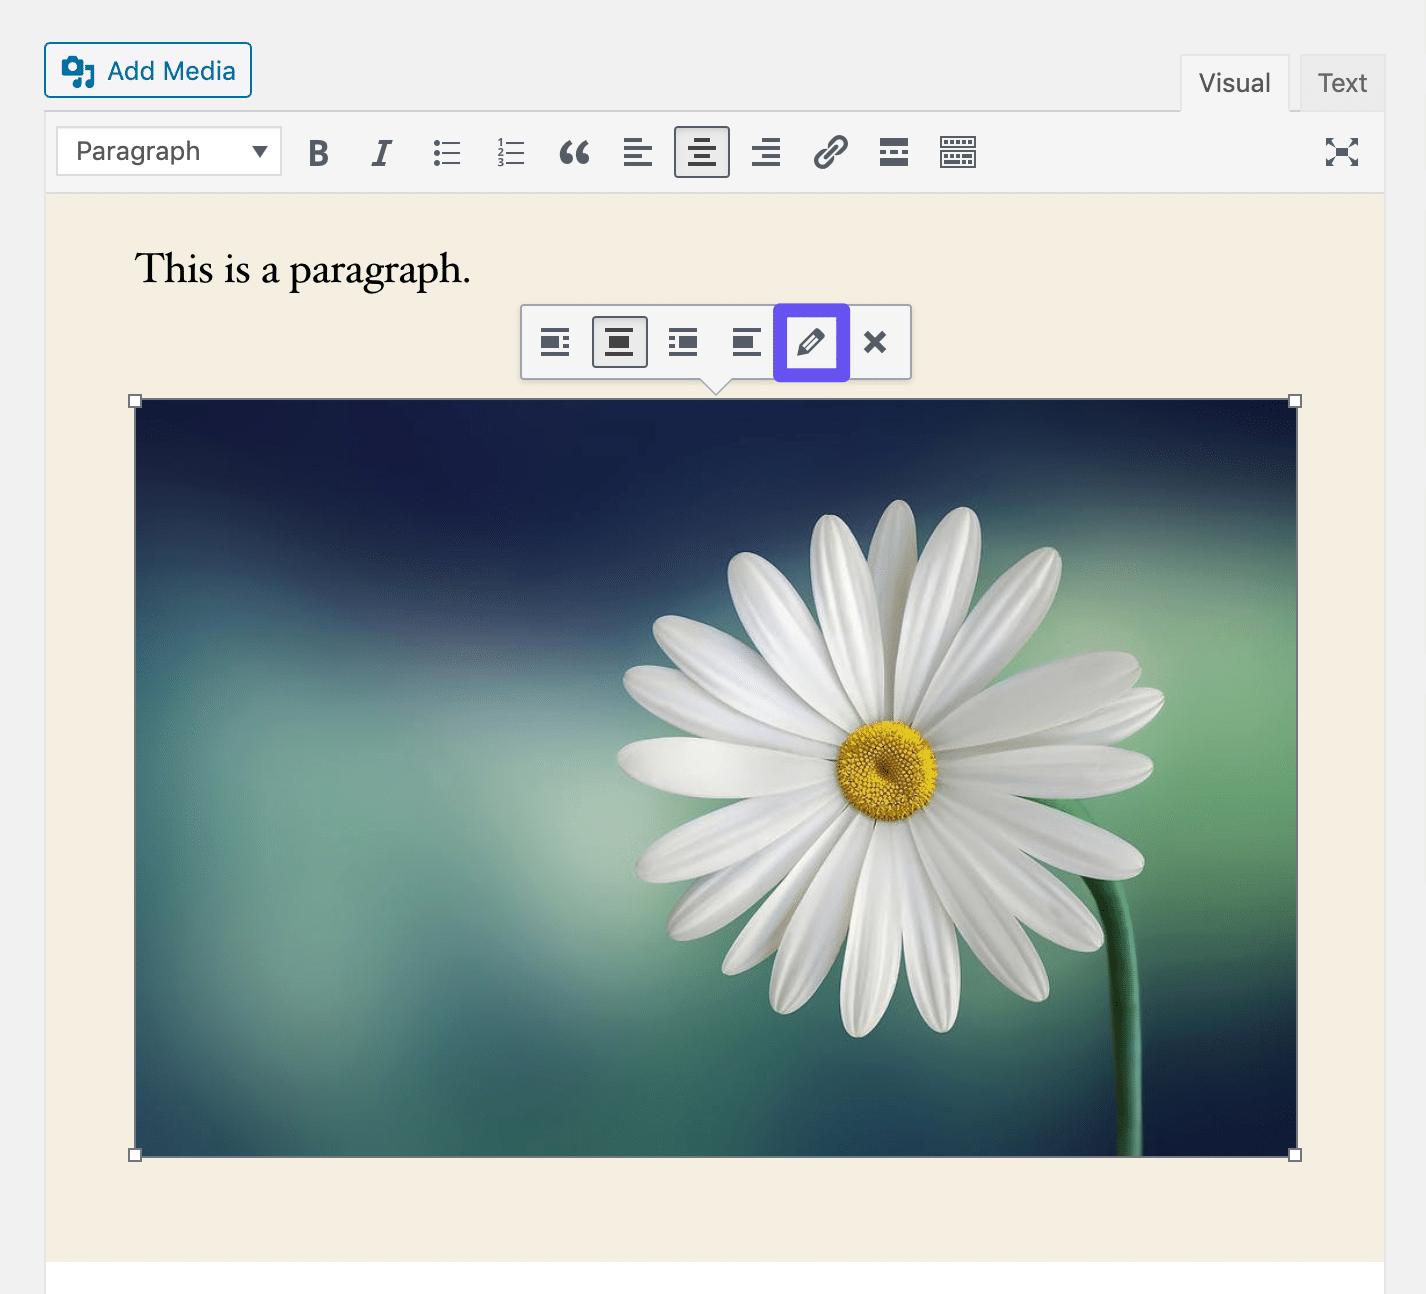 Ouverture des réglages de l'image dans l'éditeur classique